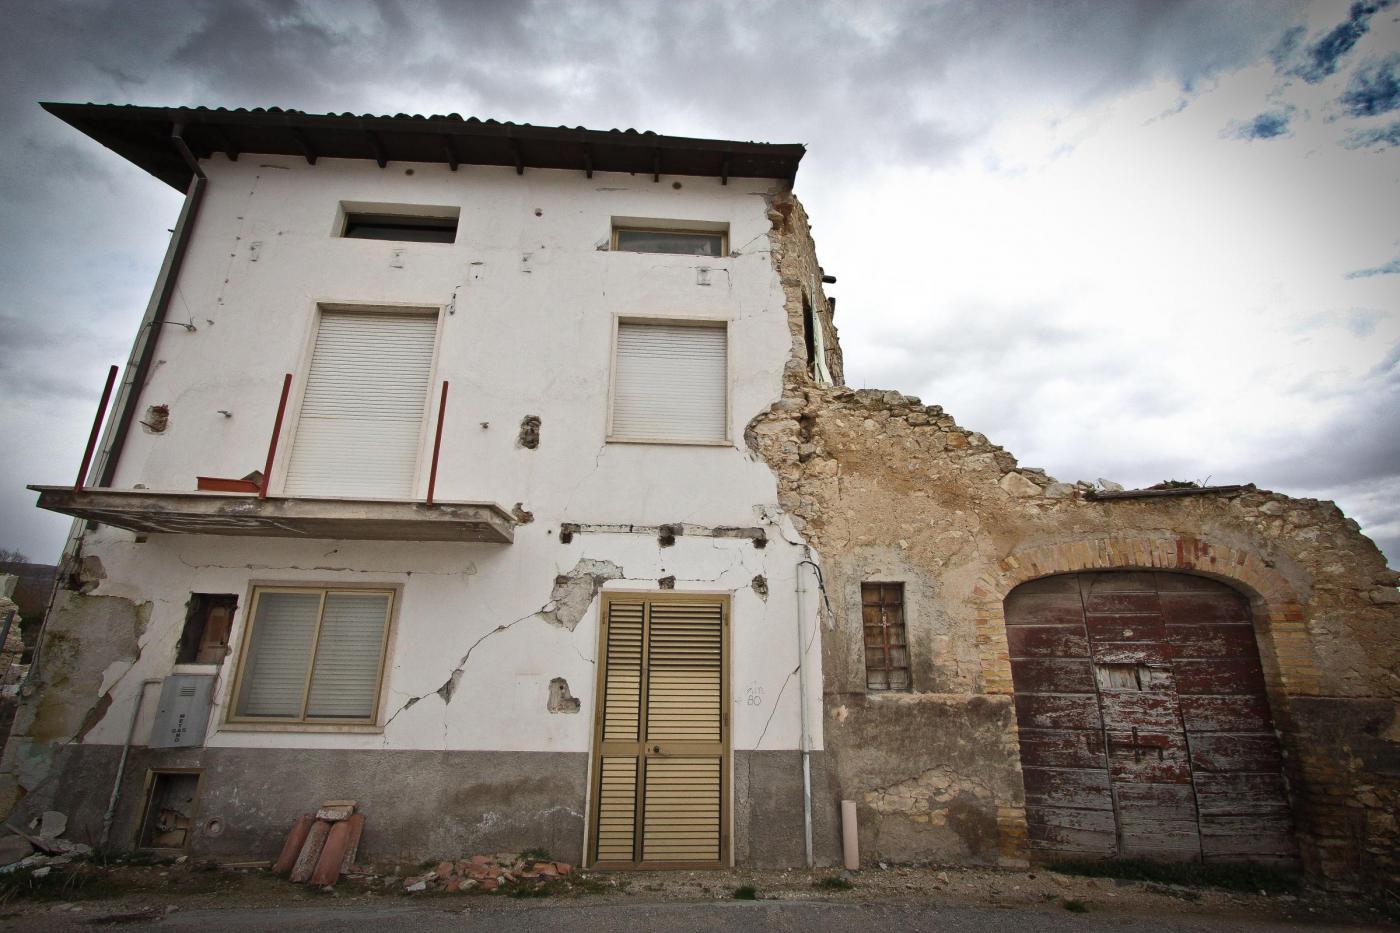 Terremoto all'Aquila: 24 famiglie evacuate dalle casette, perché a rischio stabilità